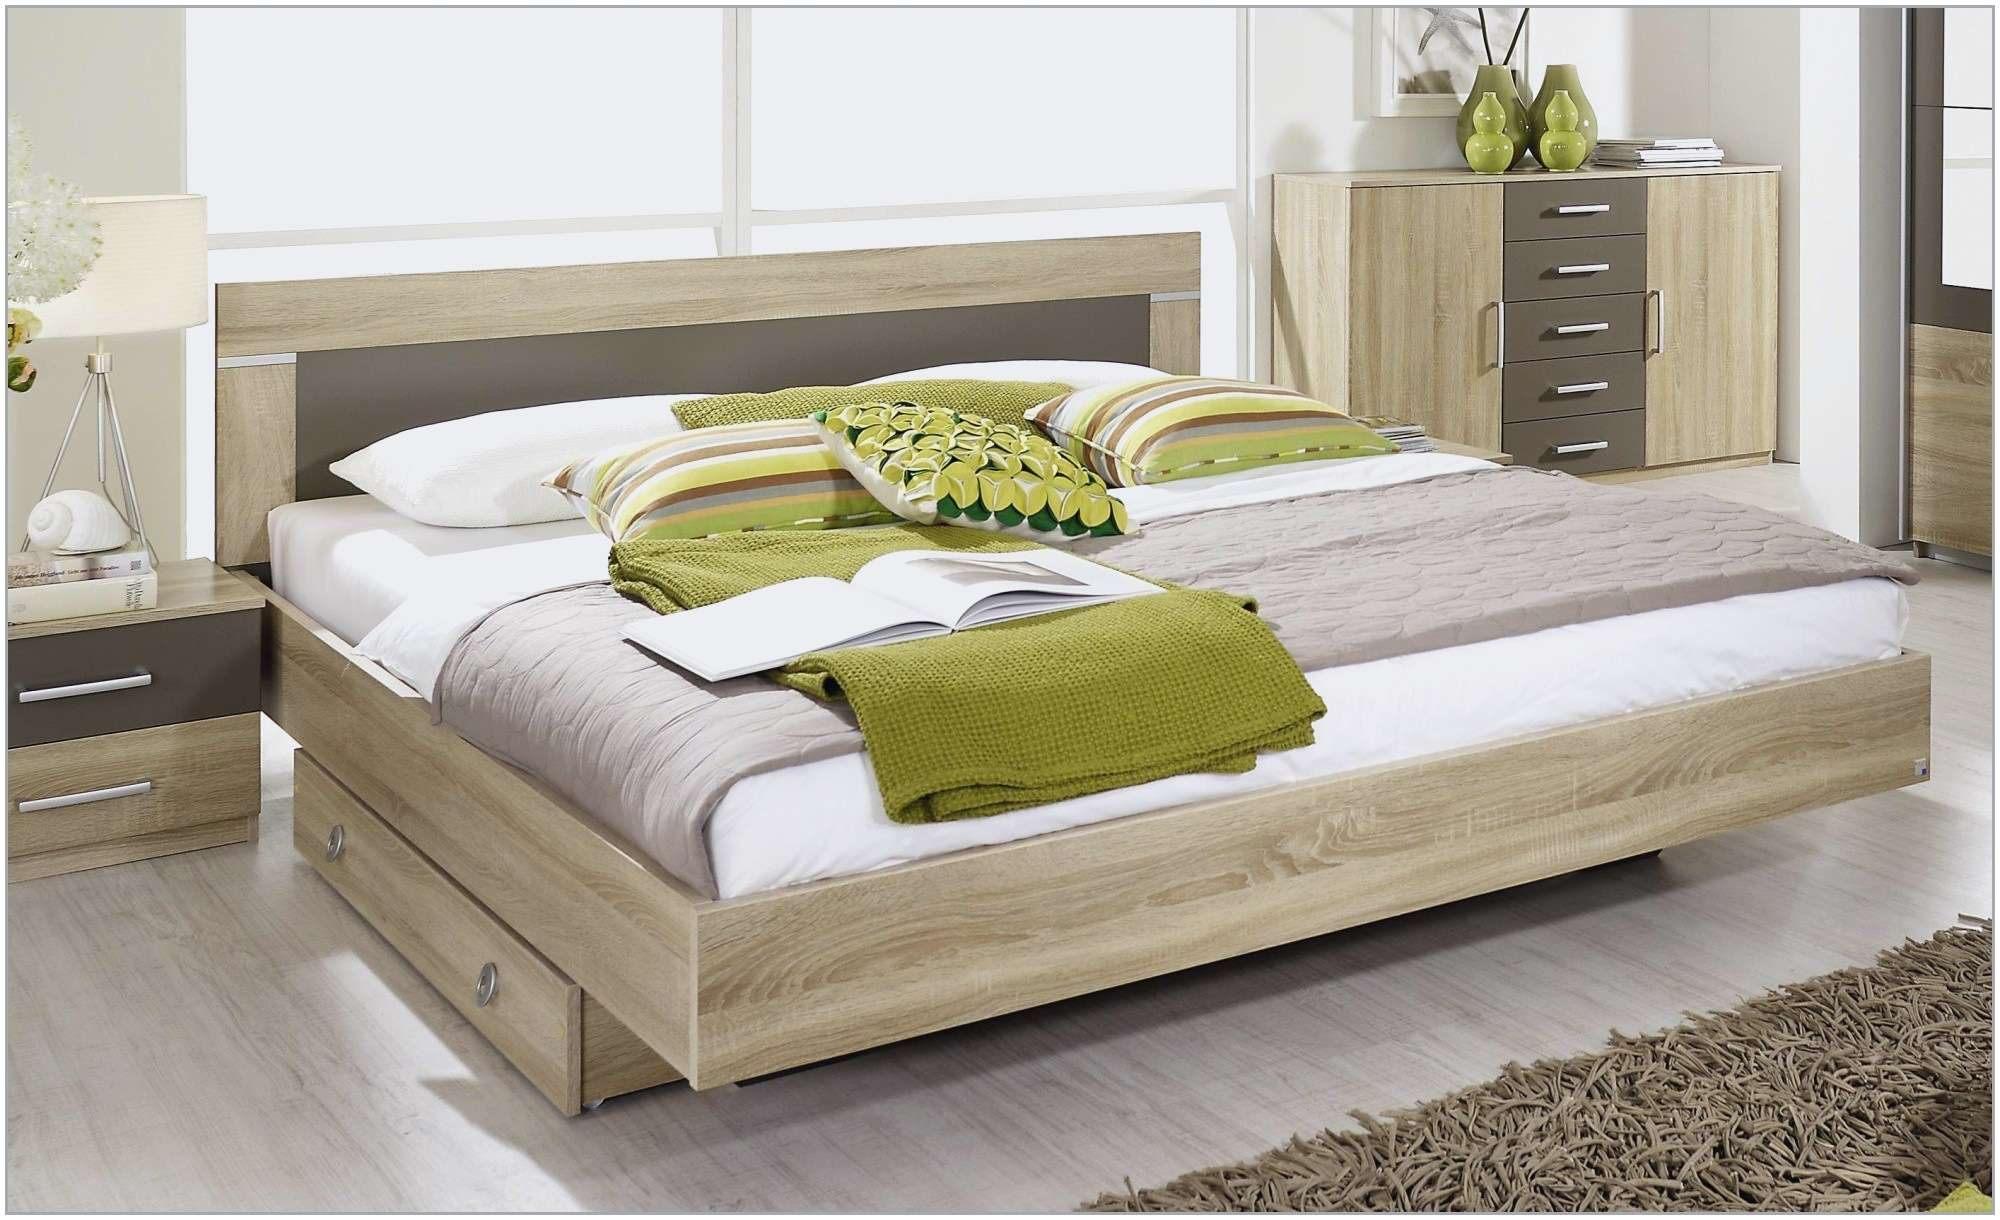 Tete De Lit Mandal Ikea Magnifique Frais Tete De Lit Mandal Ikea Occasion Luxe S Tete De Lit En Bois